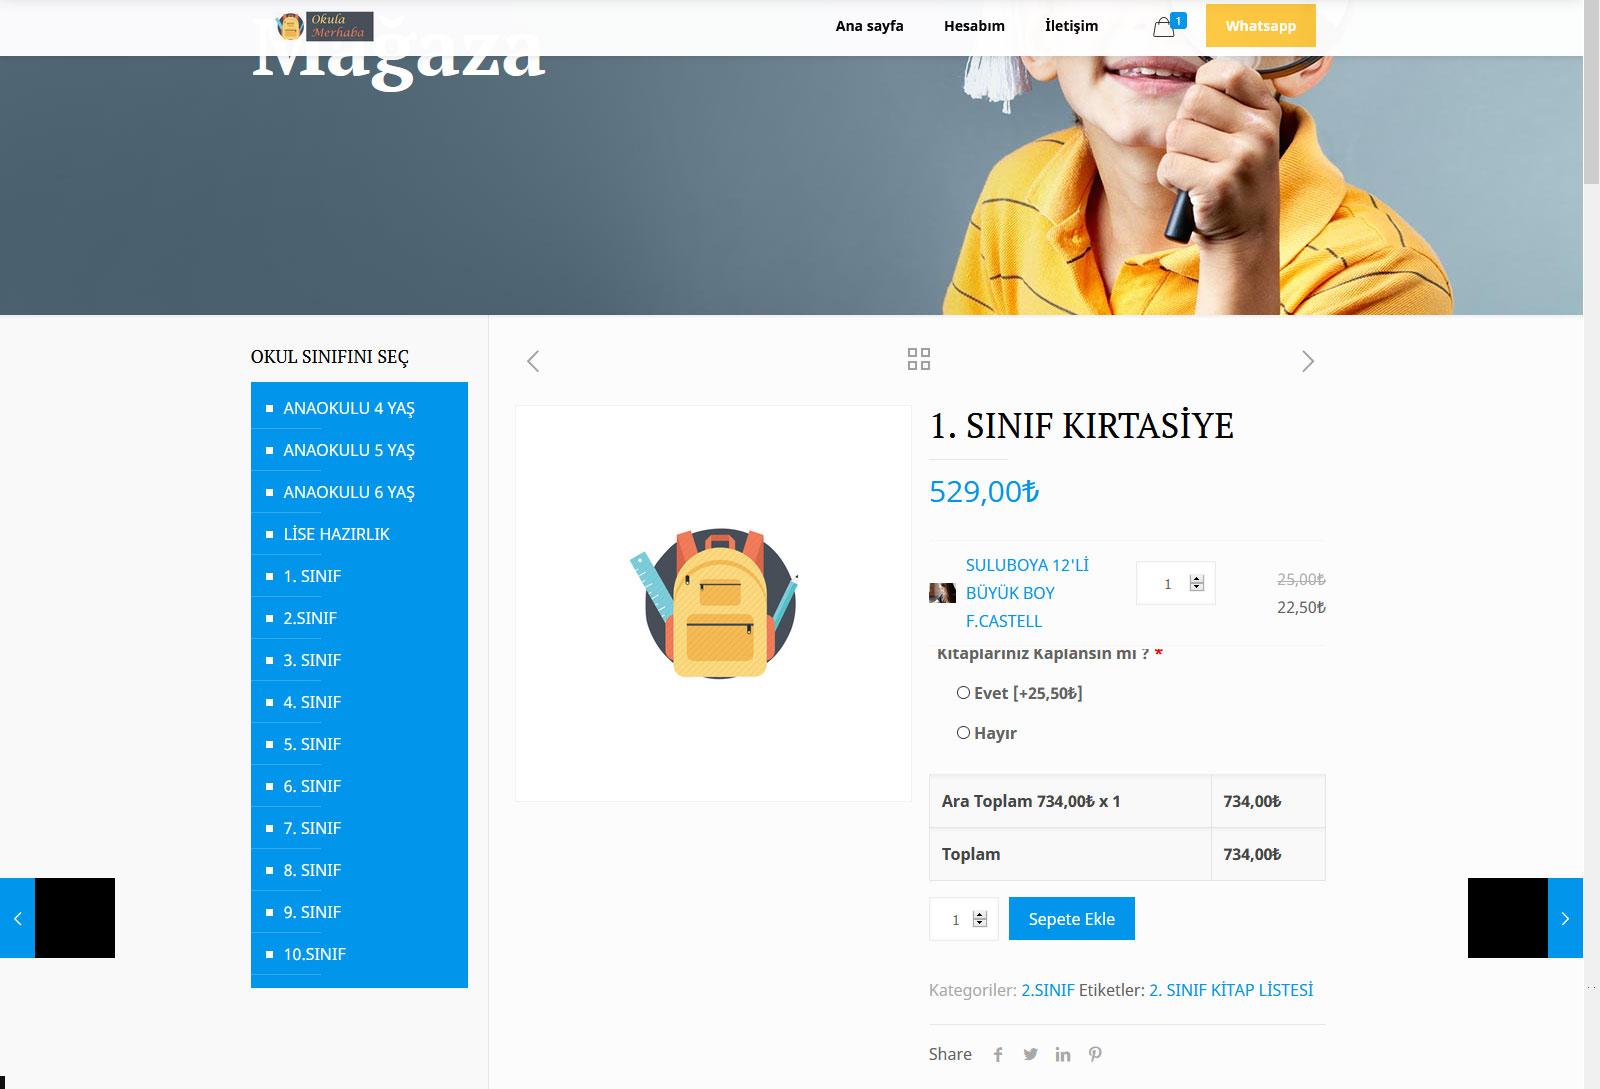 Kırtasiye Online Yazılım Şirketi